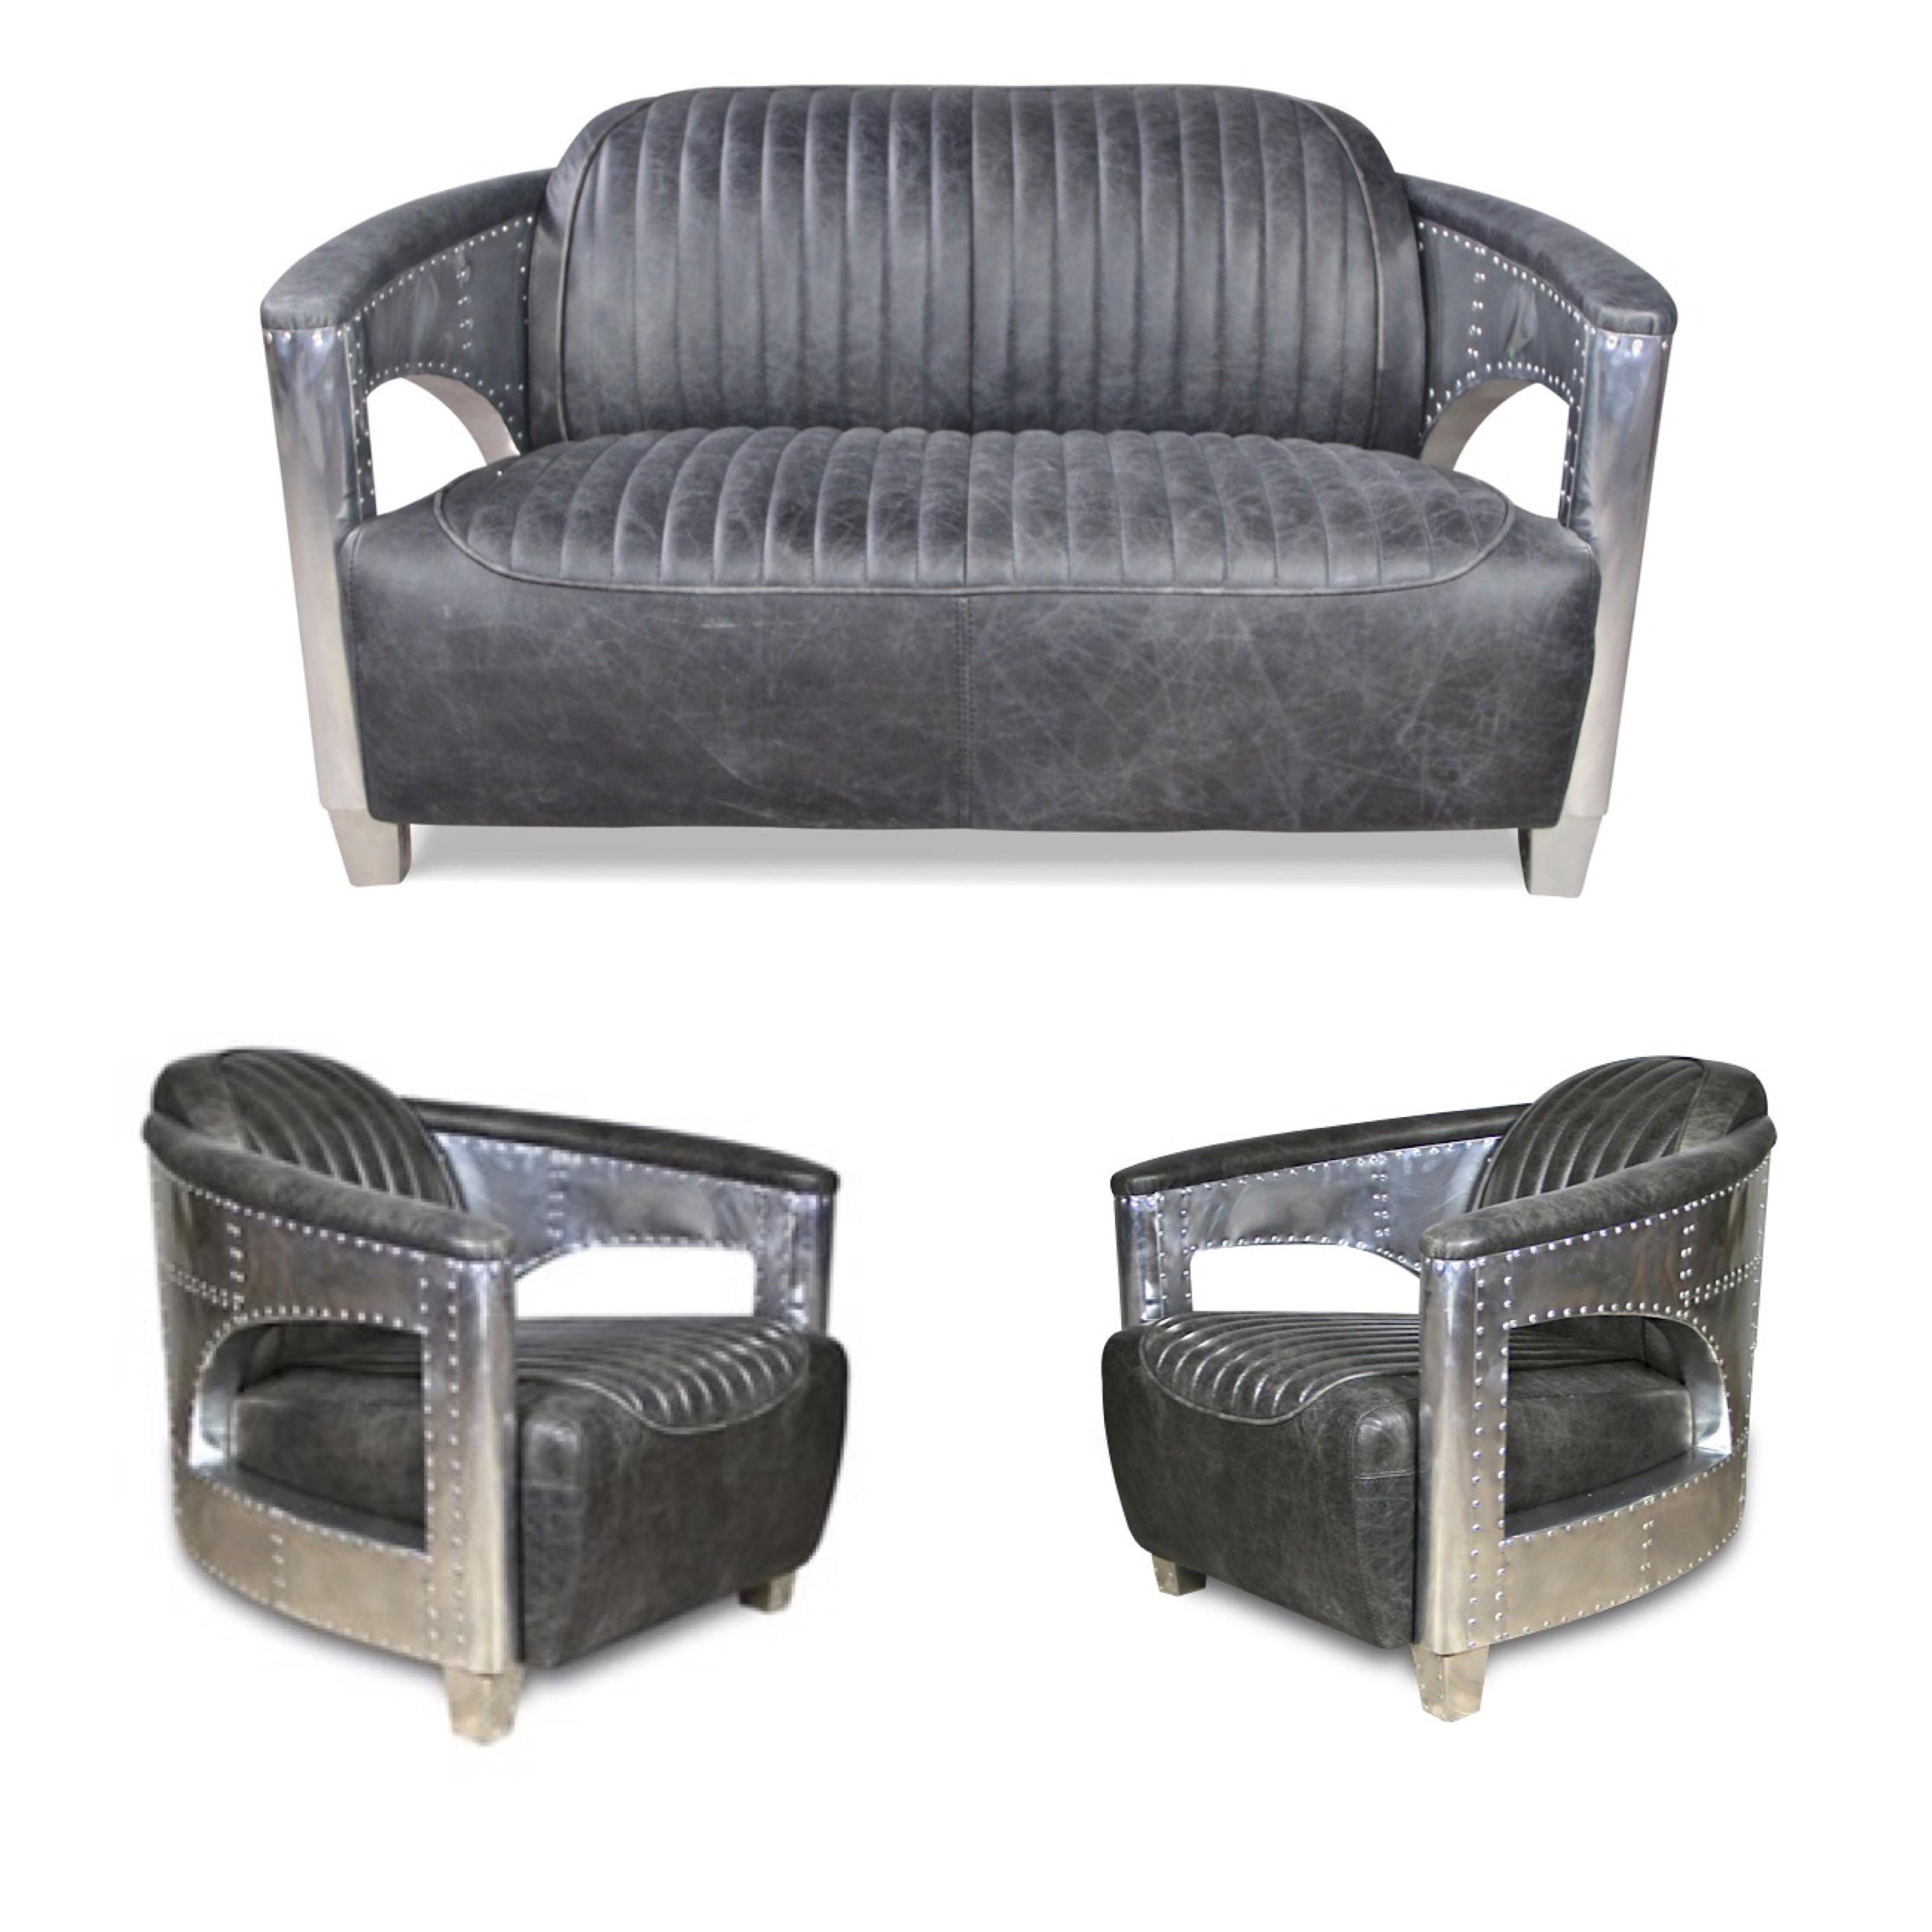 Sofa und zwei Sessel Aviator-Stil in Vintage Graue Volleder